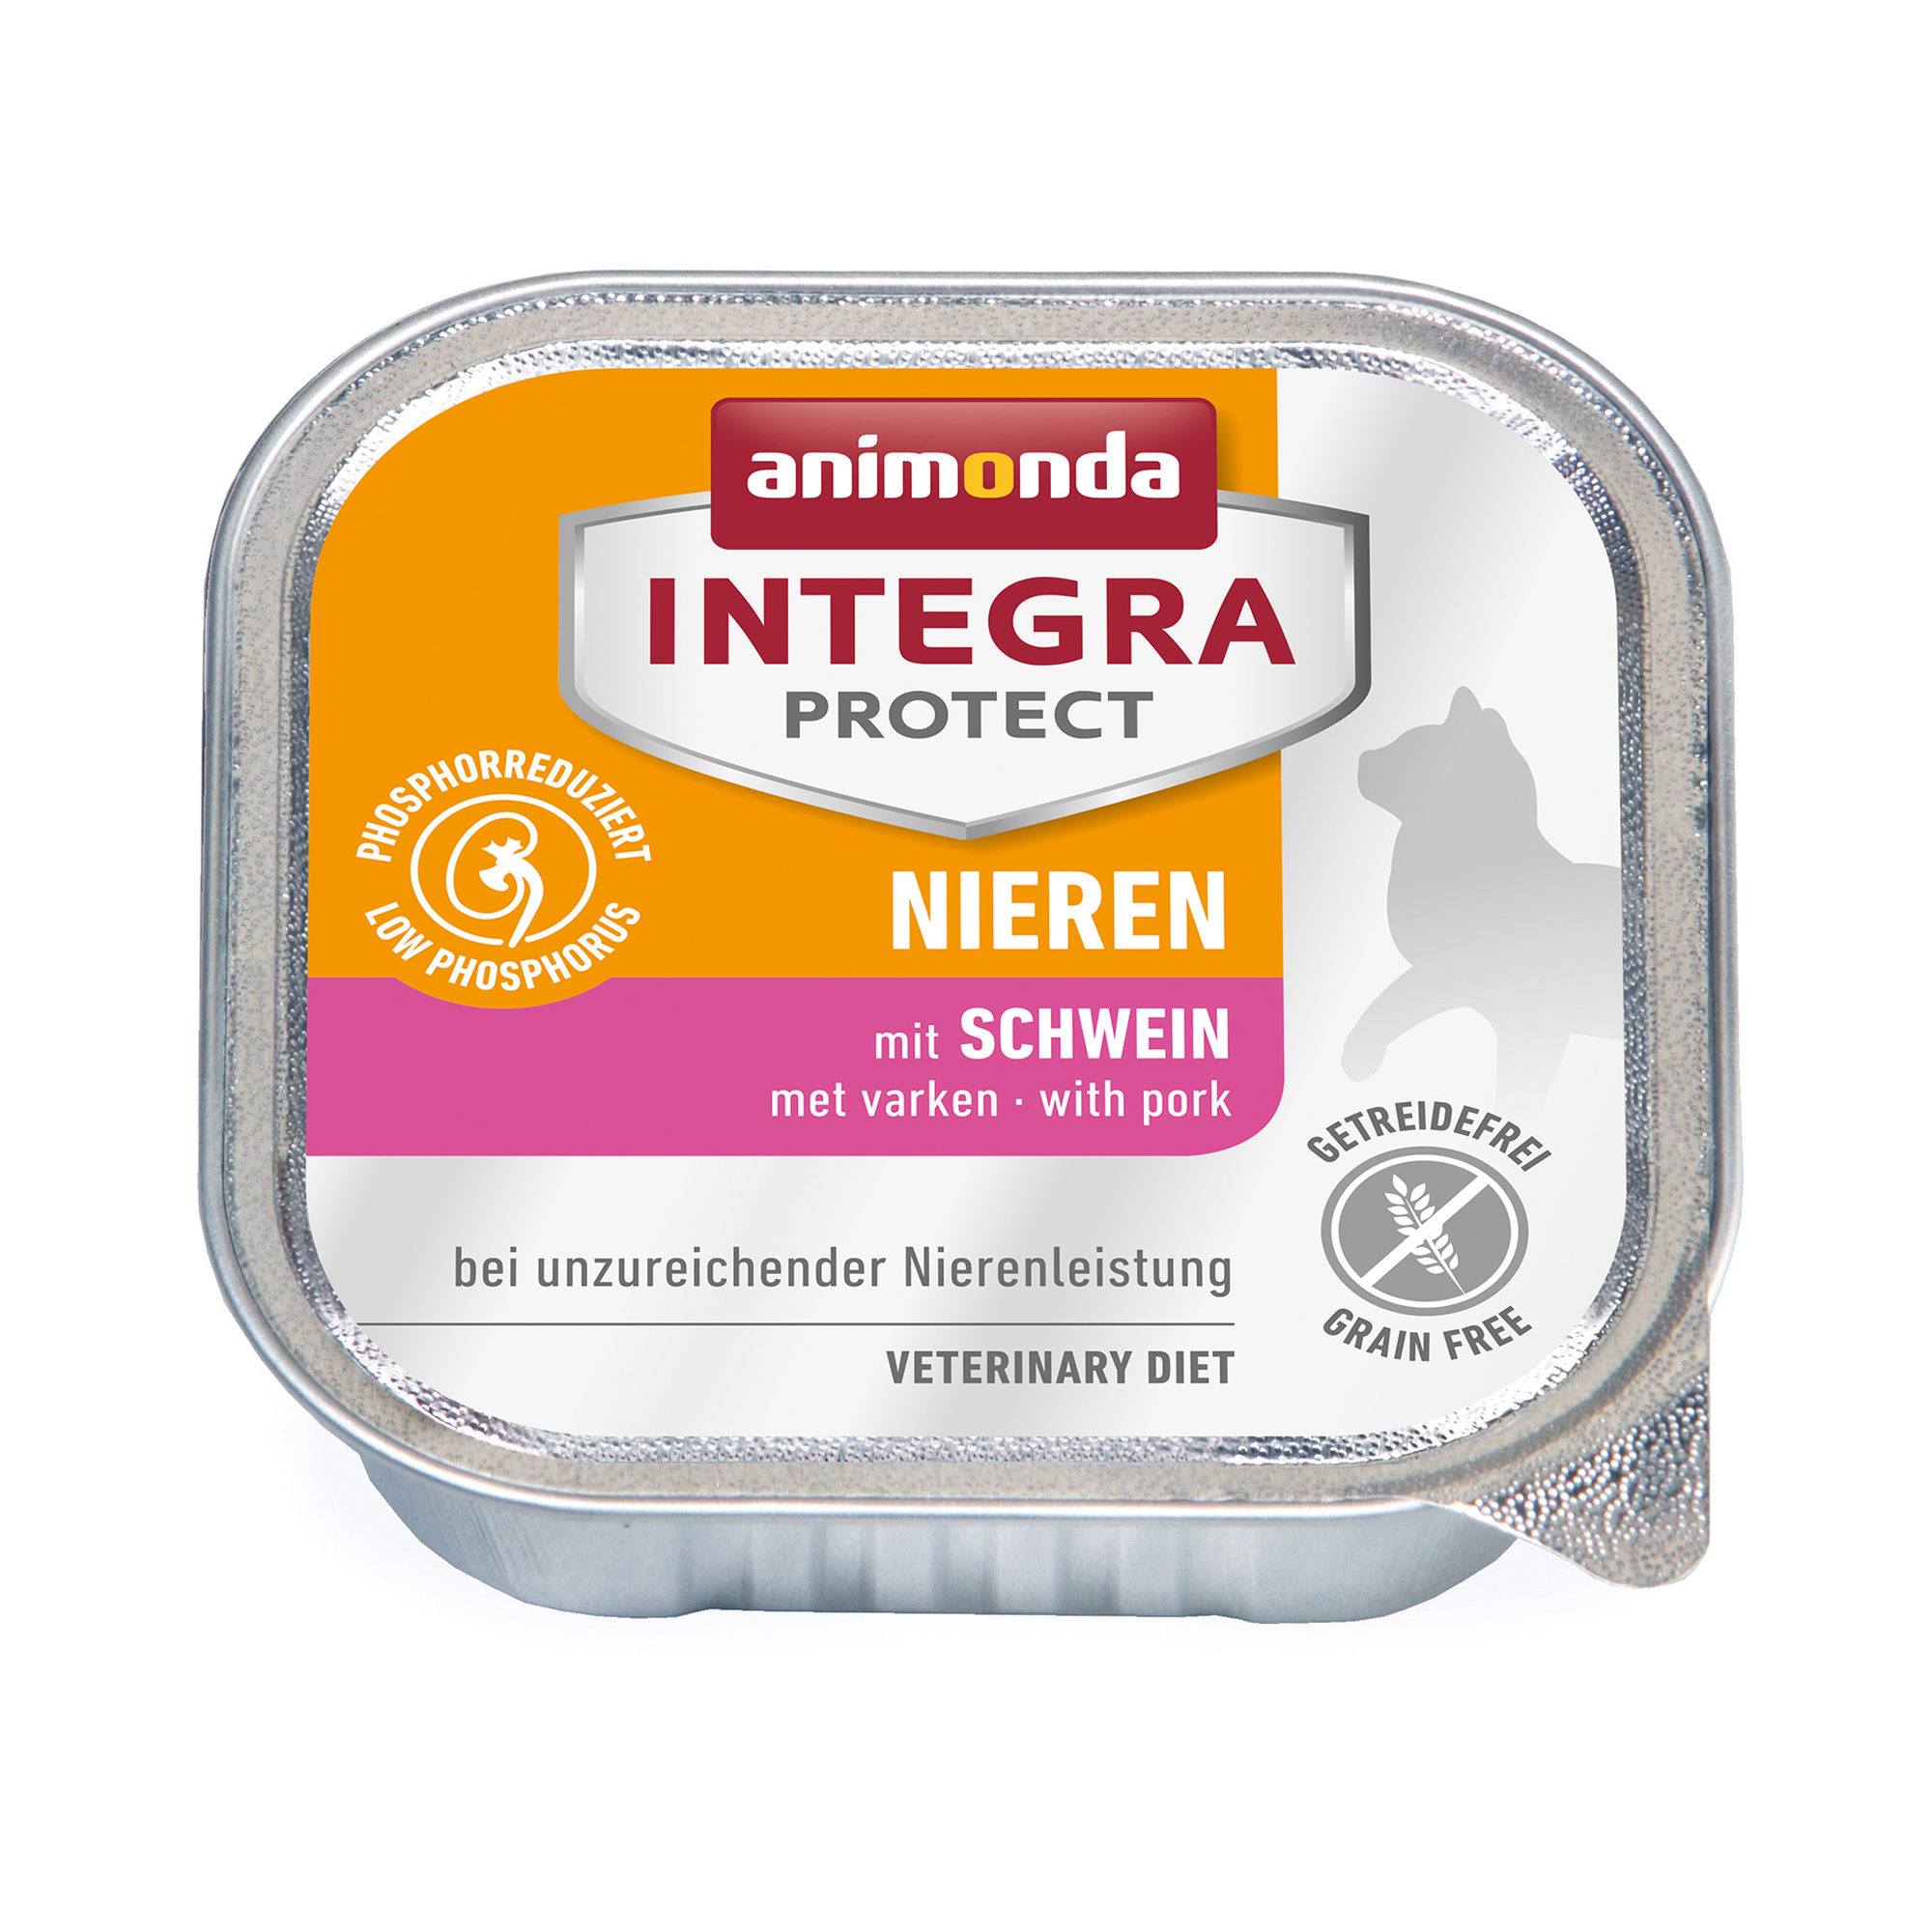 Animonda Integra Protect Nieren Katzenfutter - Schälchen - Schwein - 16 x 100 g